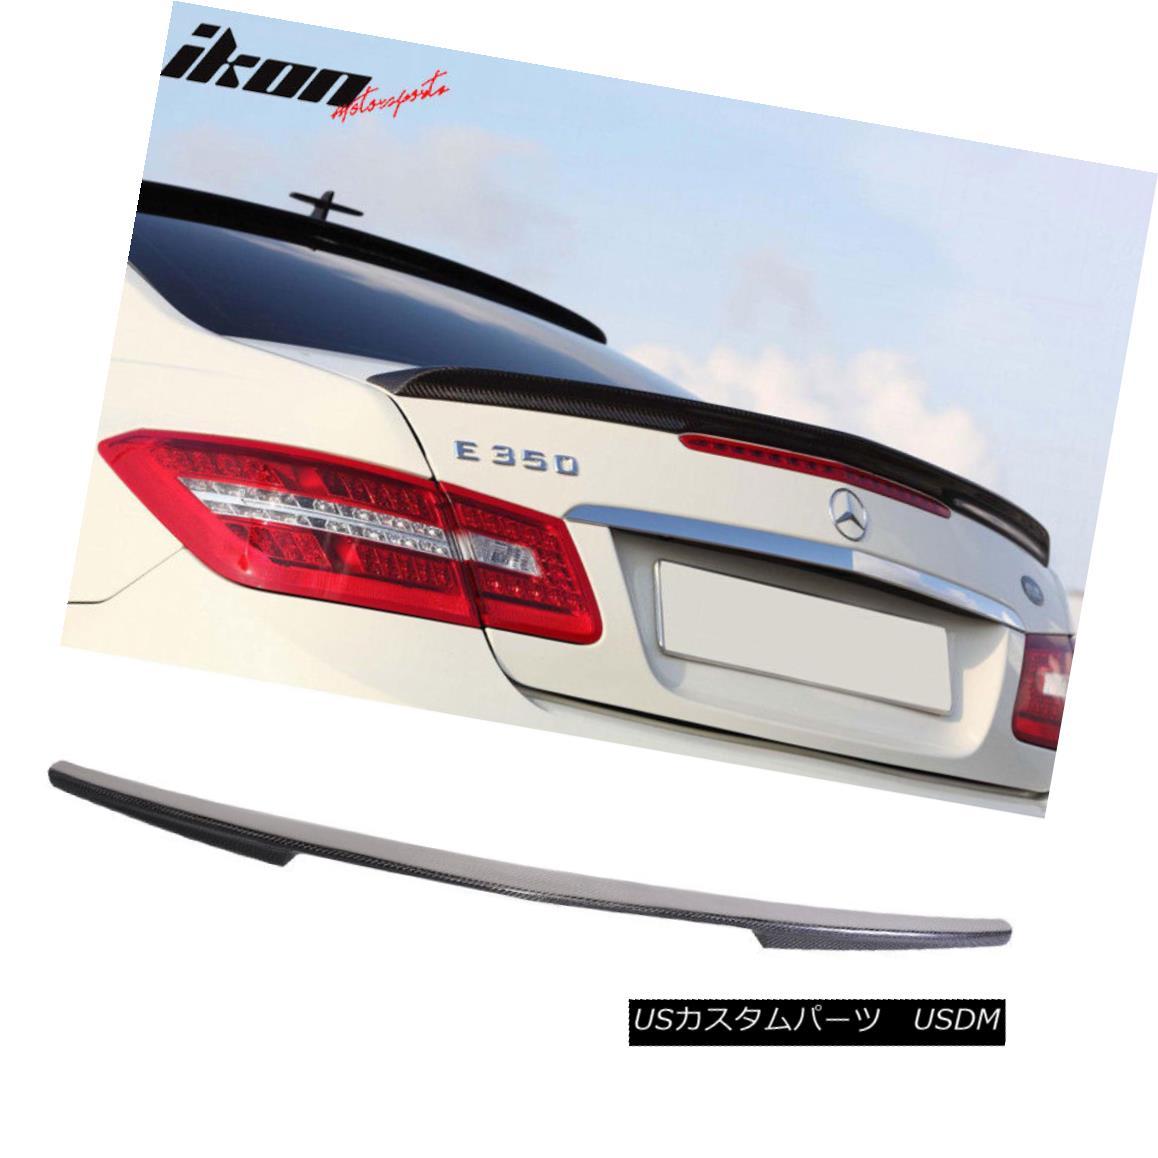 エアロパーツ Fits 10-17 Mercedes Benz C207 Coupe W207 Carbon Fiber (CF) Trunk Spoiler フィット10-17メルセデスベンツC207クーペW207炭素繊維(CF)トランクスポイラー